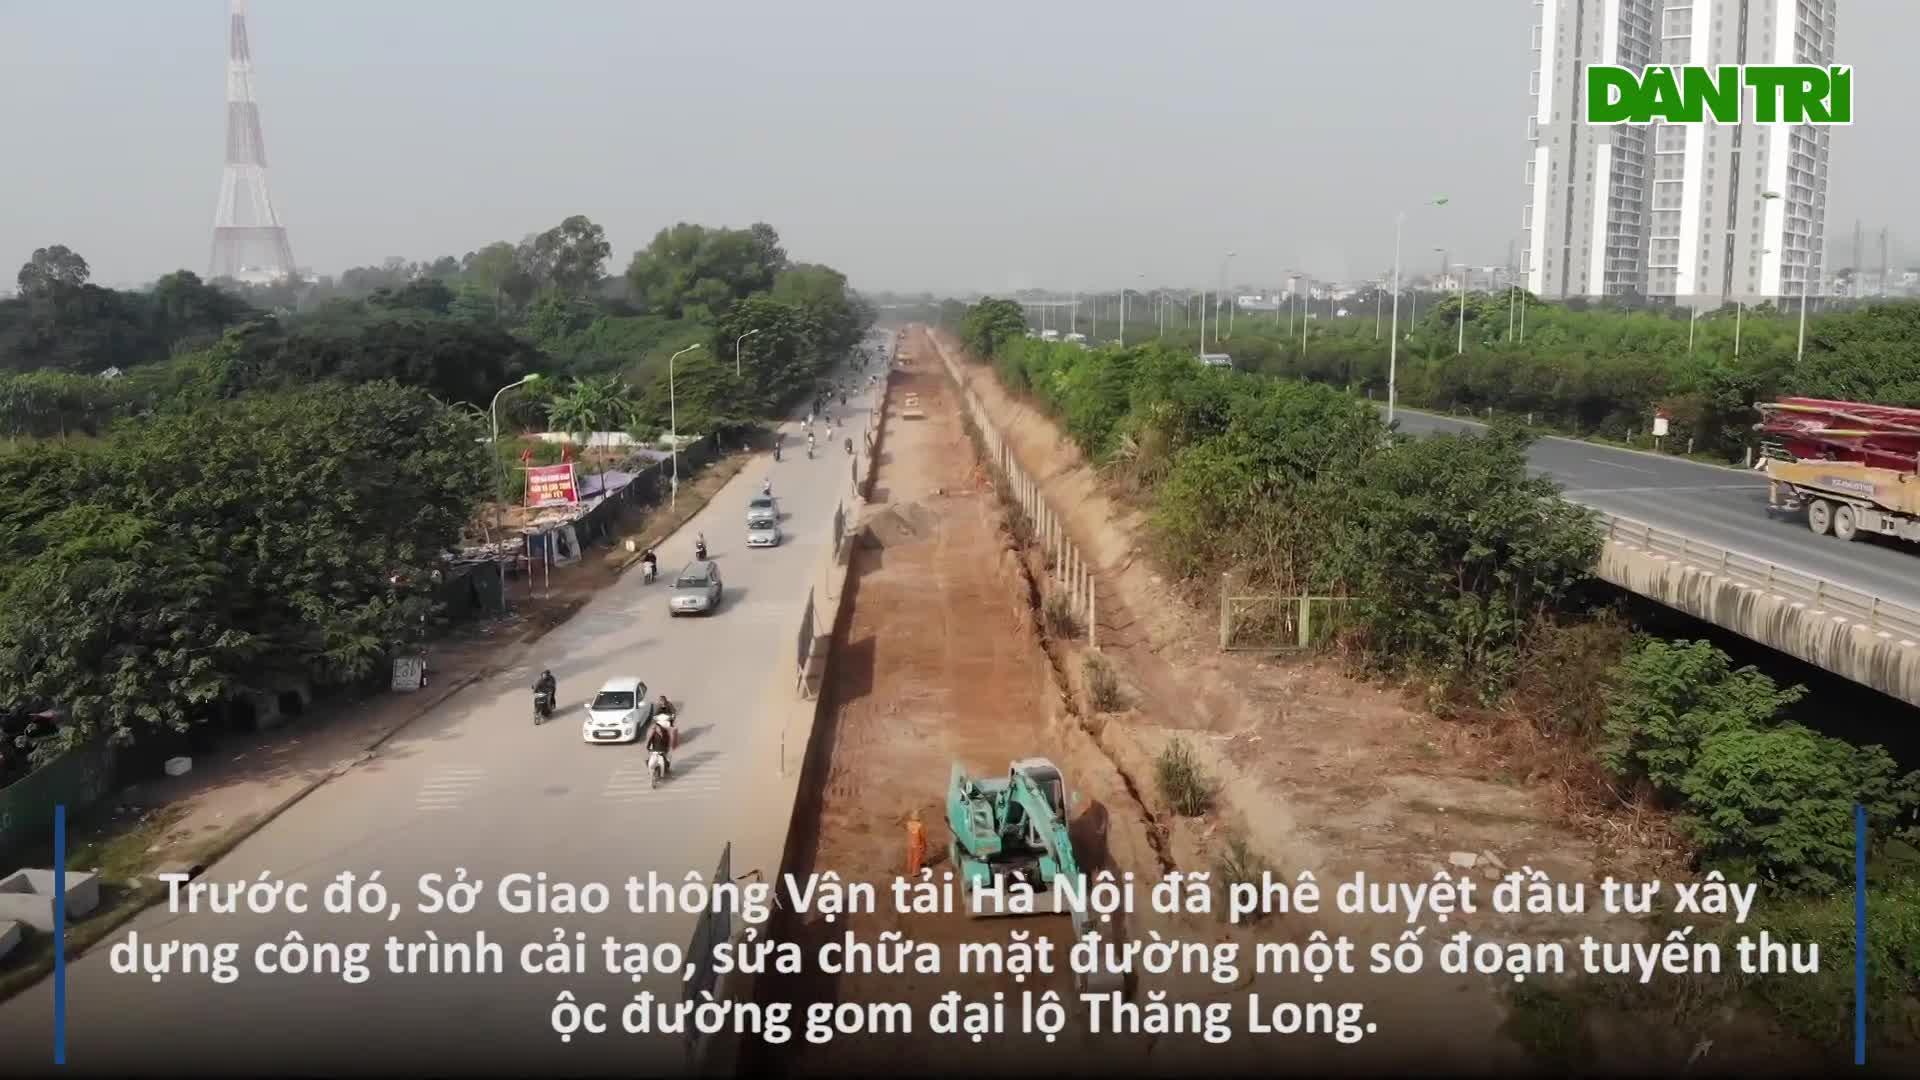 Hà Nội: Tiếp tục xén dải phân cách, mở rộng đường gom Đại lộ Thăng Long